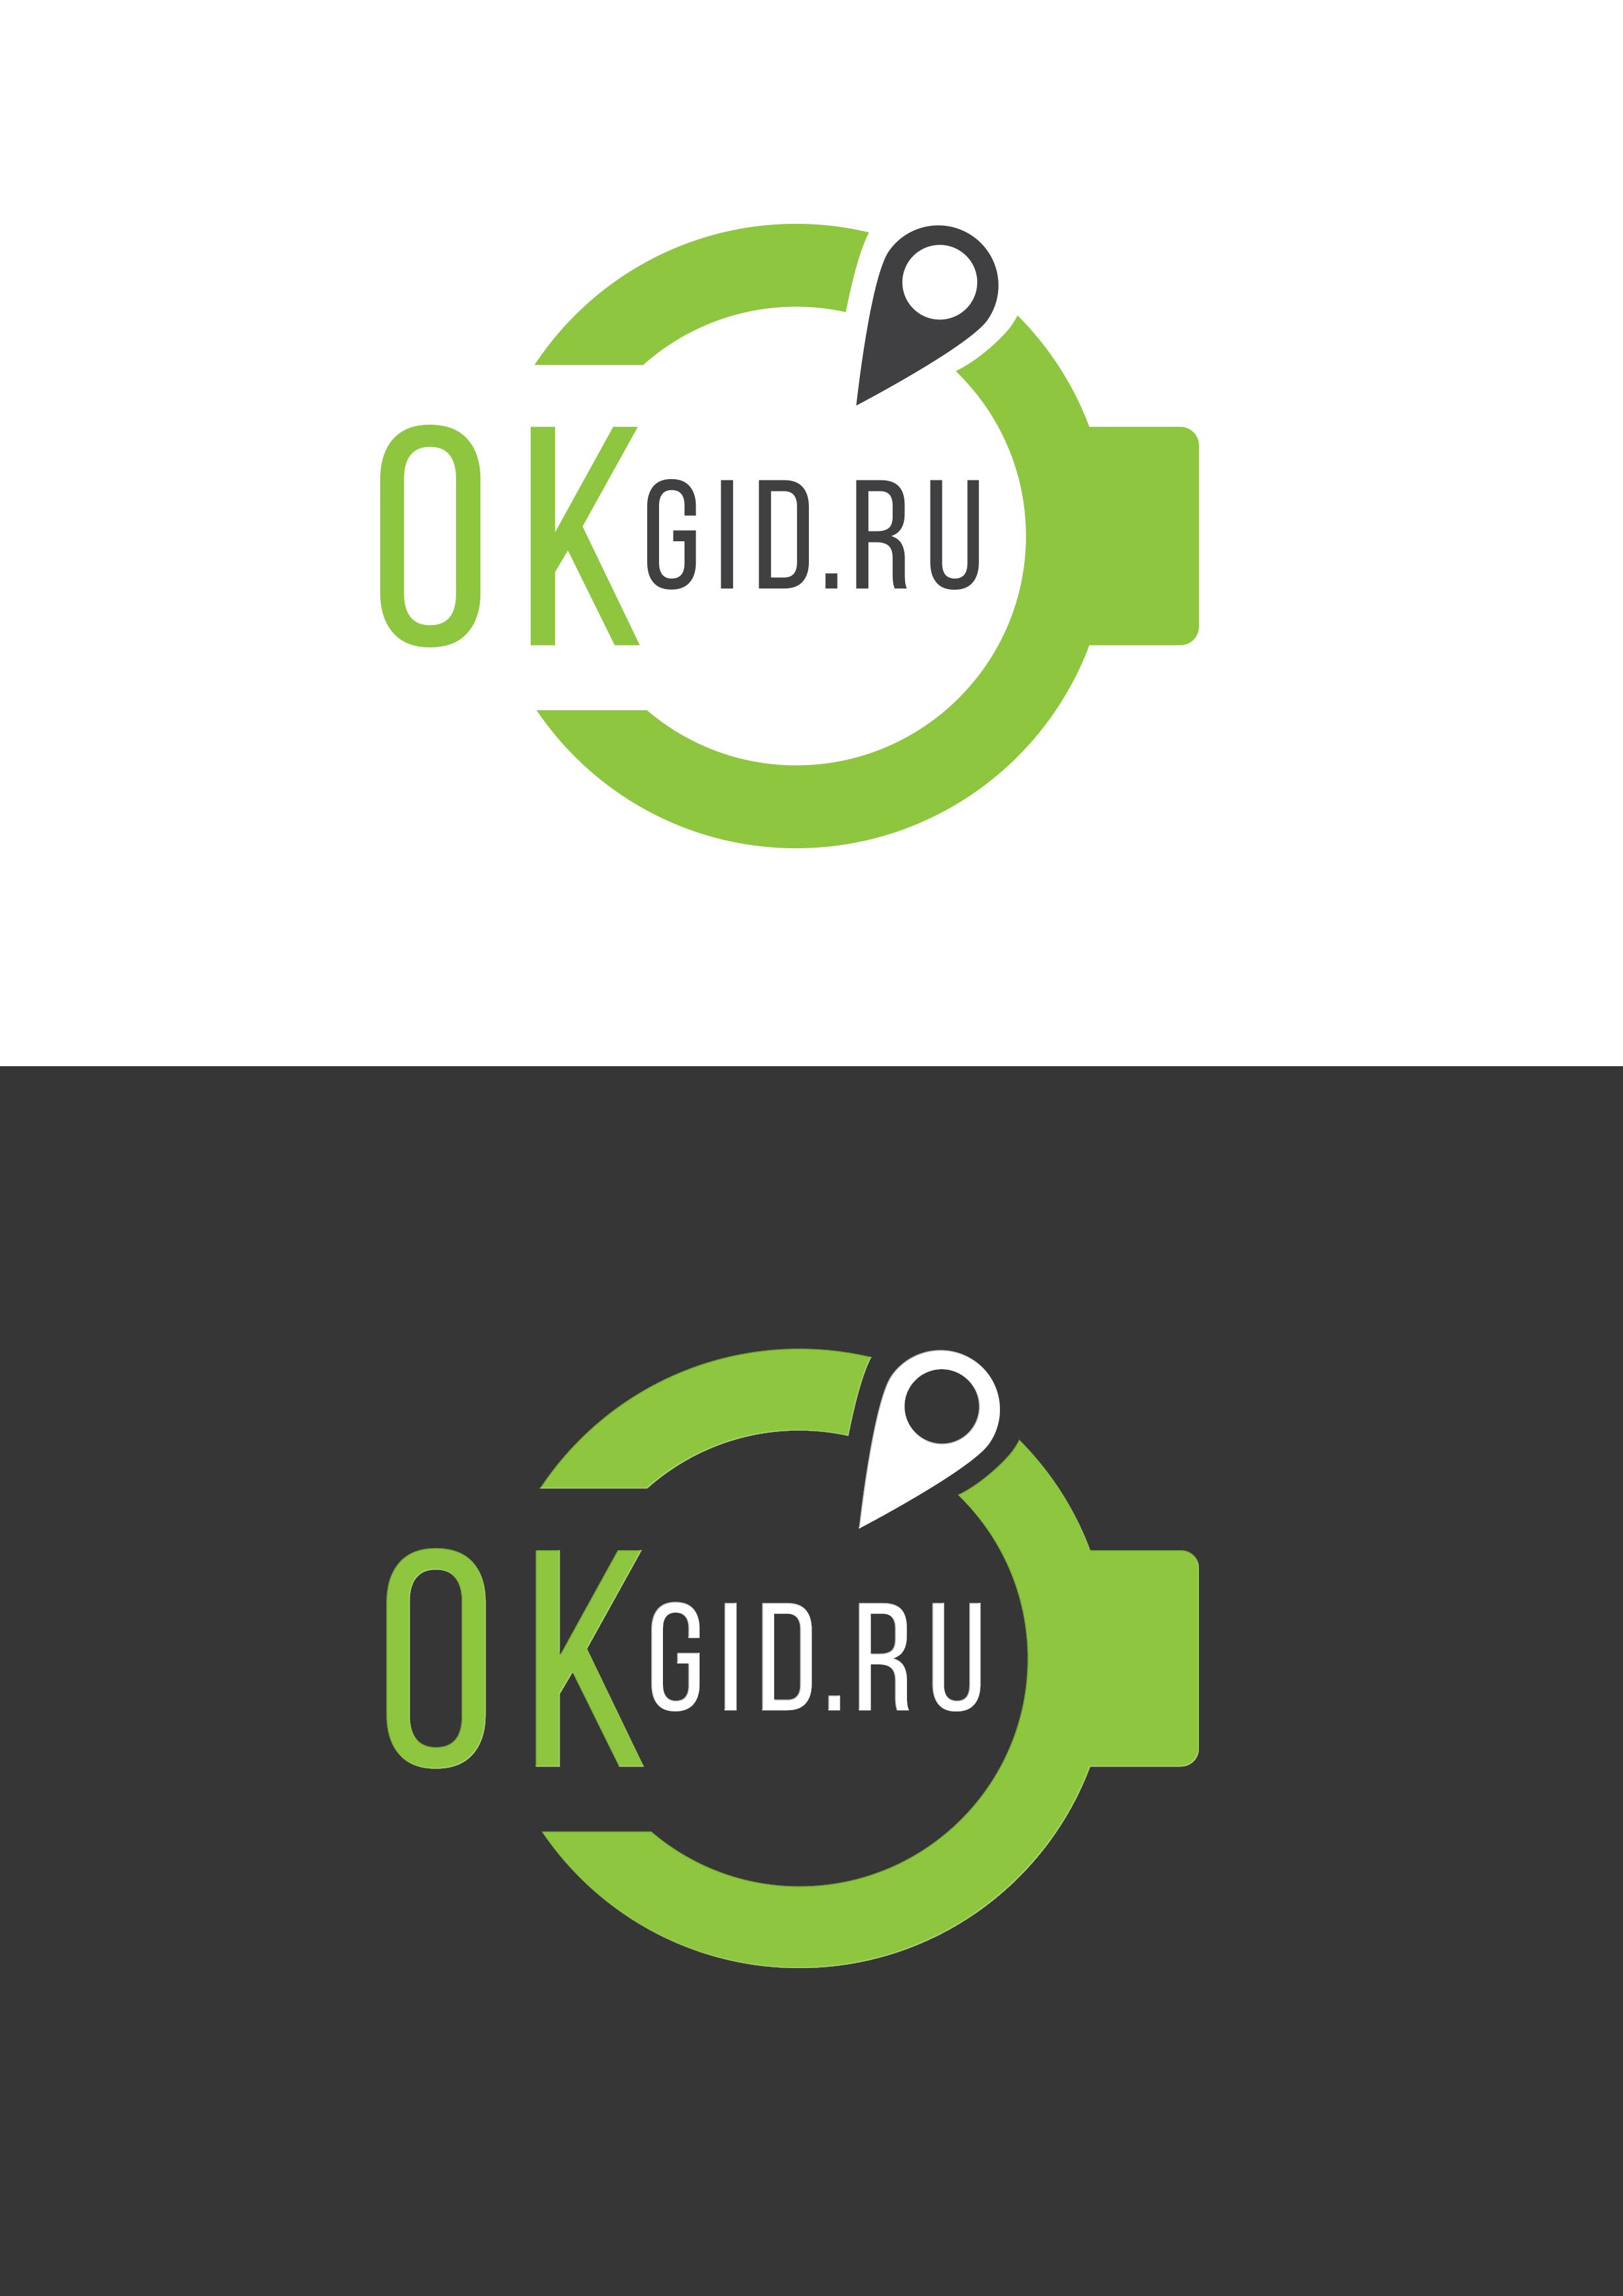 Логотип для сайта OKgid.ru фото f_92057cefc36ca6a3.jpg